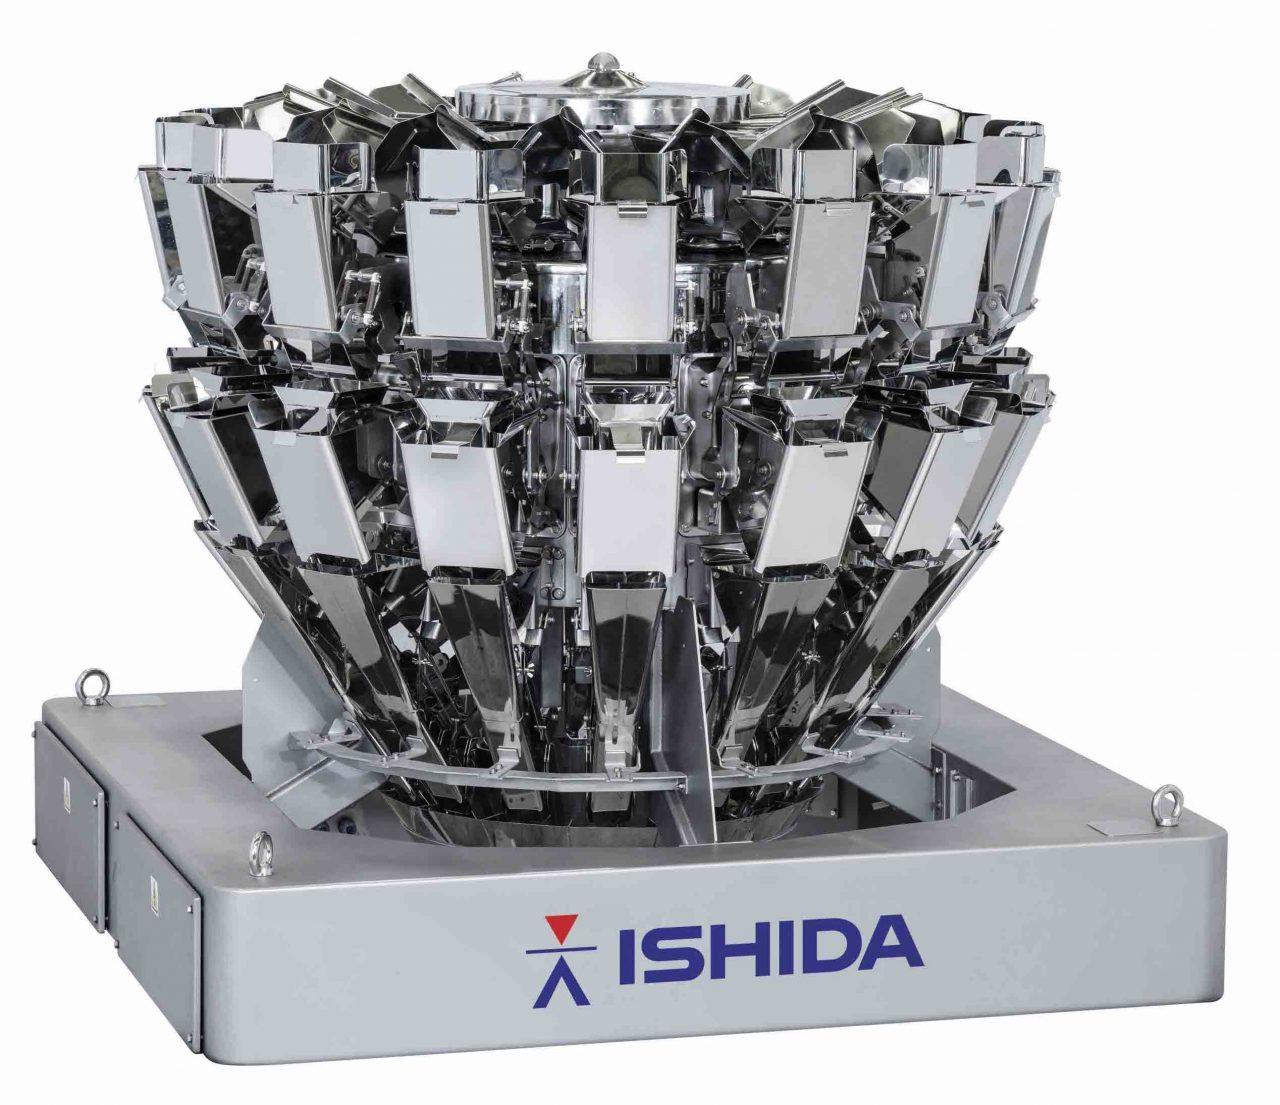 Ishida_Machine_web-1280x1105.jpg